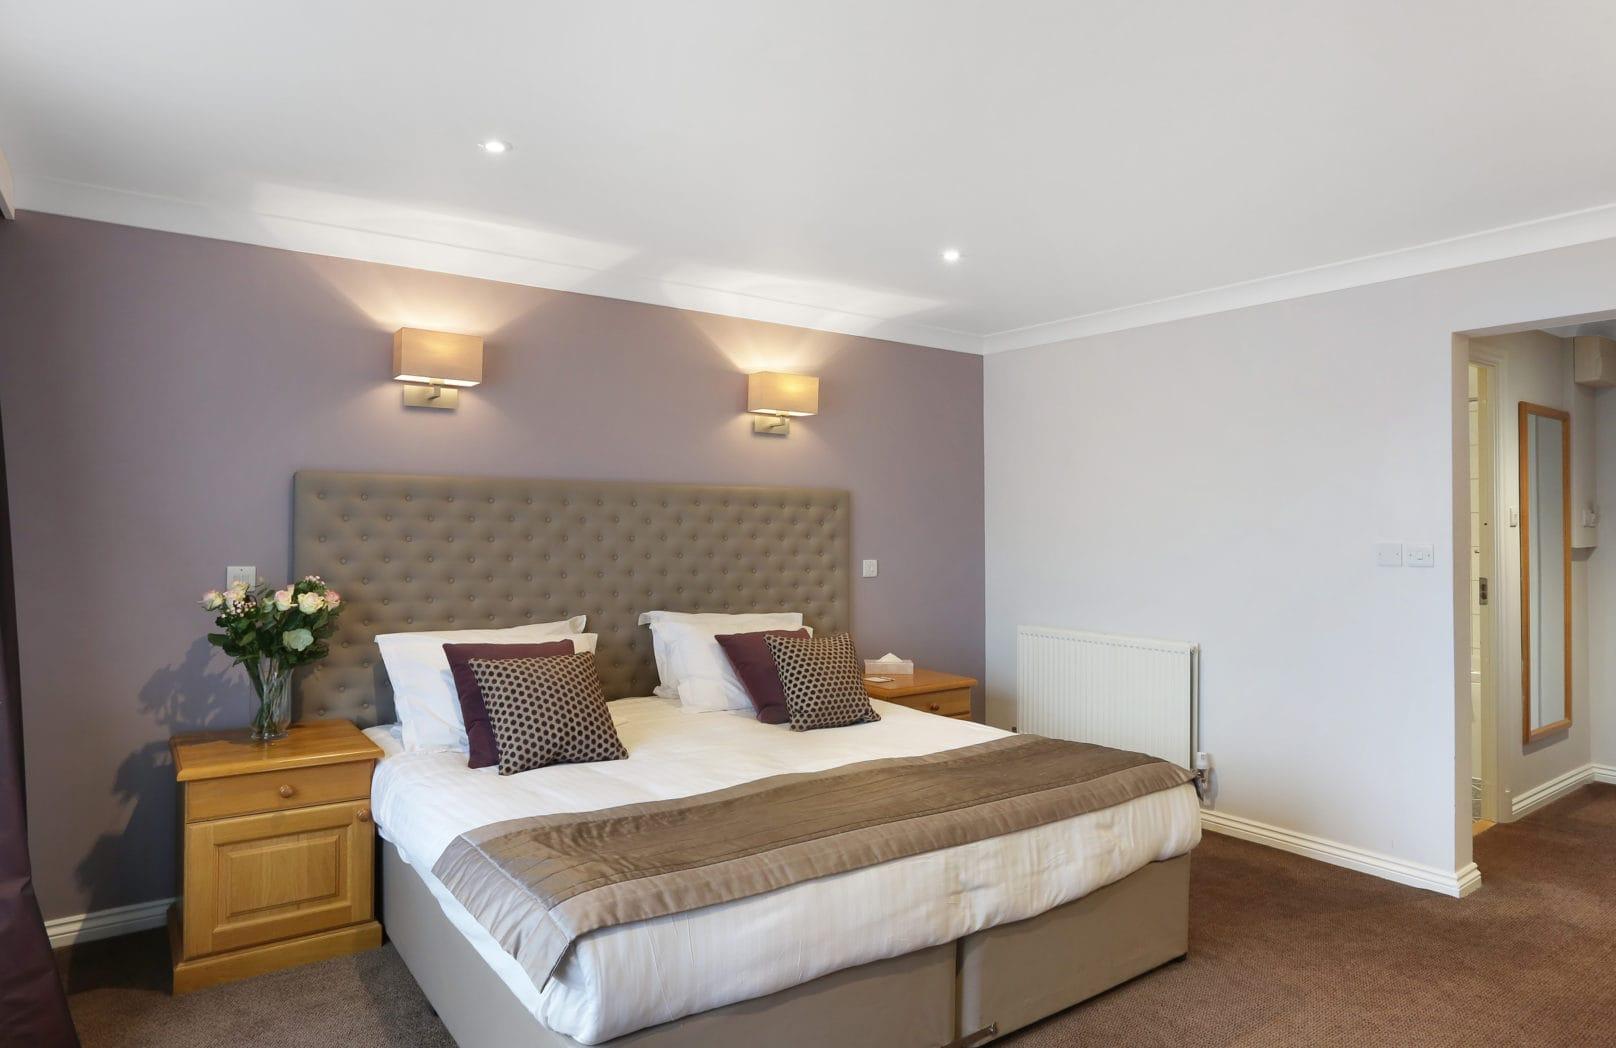 Golf Deluxe Double hotel bedroom